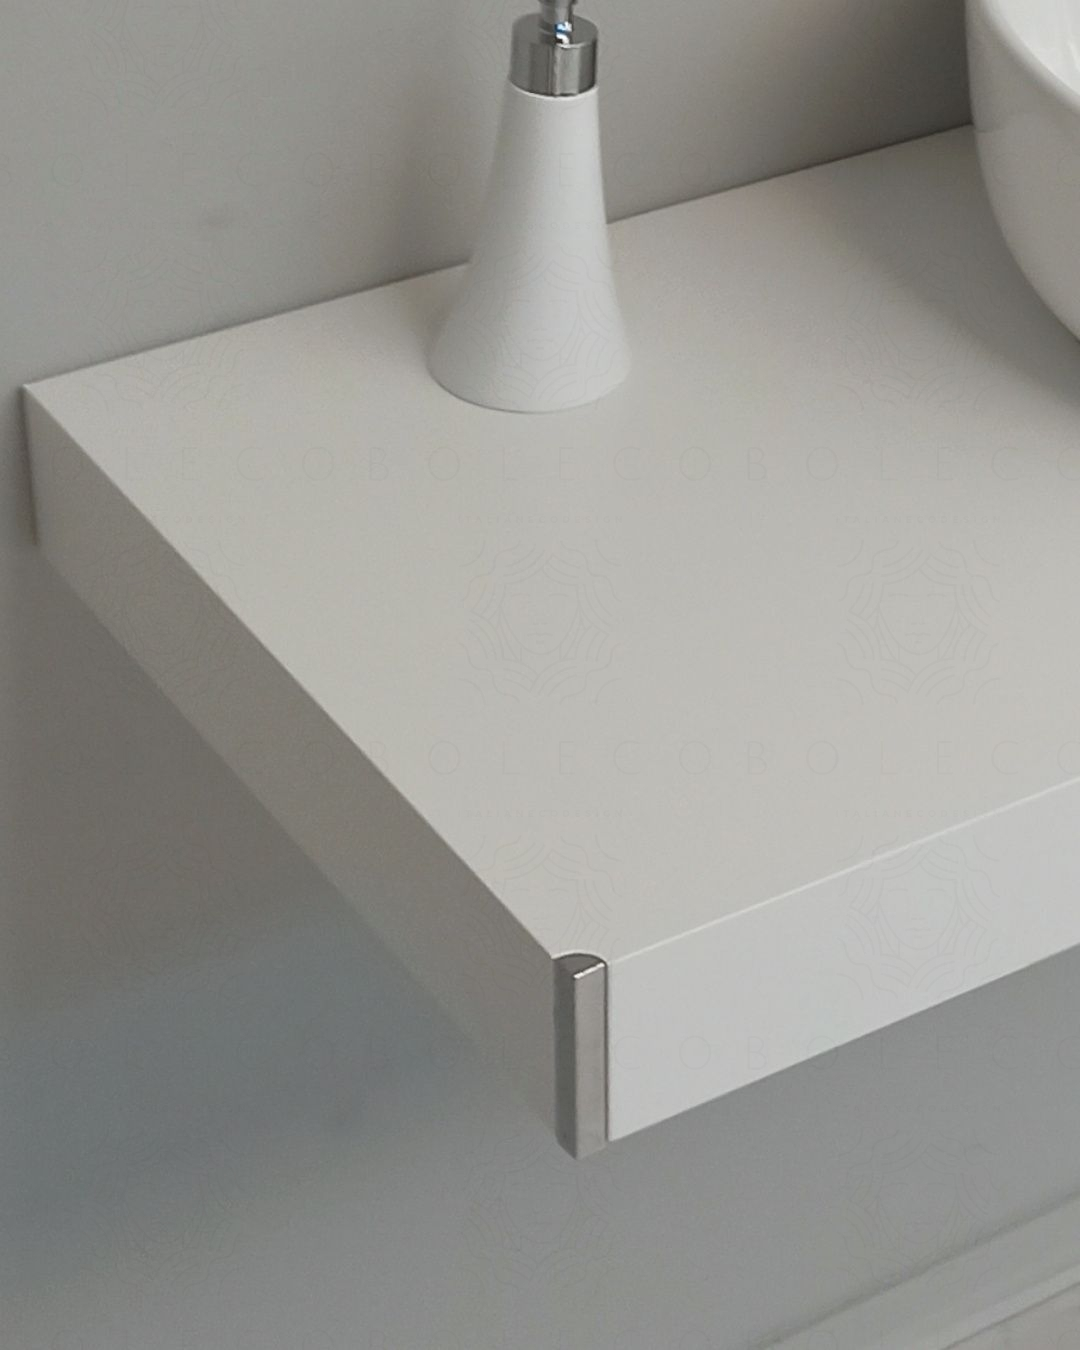 Mensolone bagno da cm.90, completo di staffe regolabili, lavabo